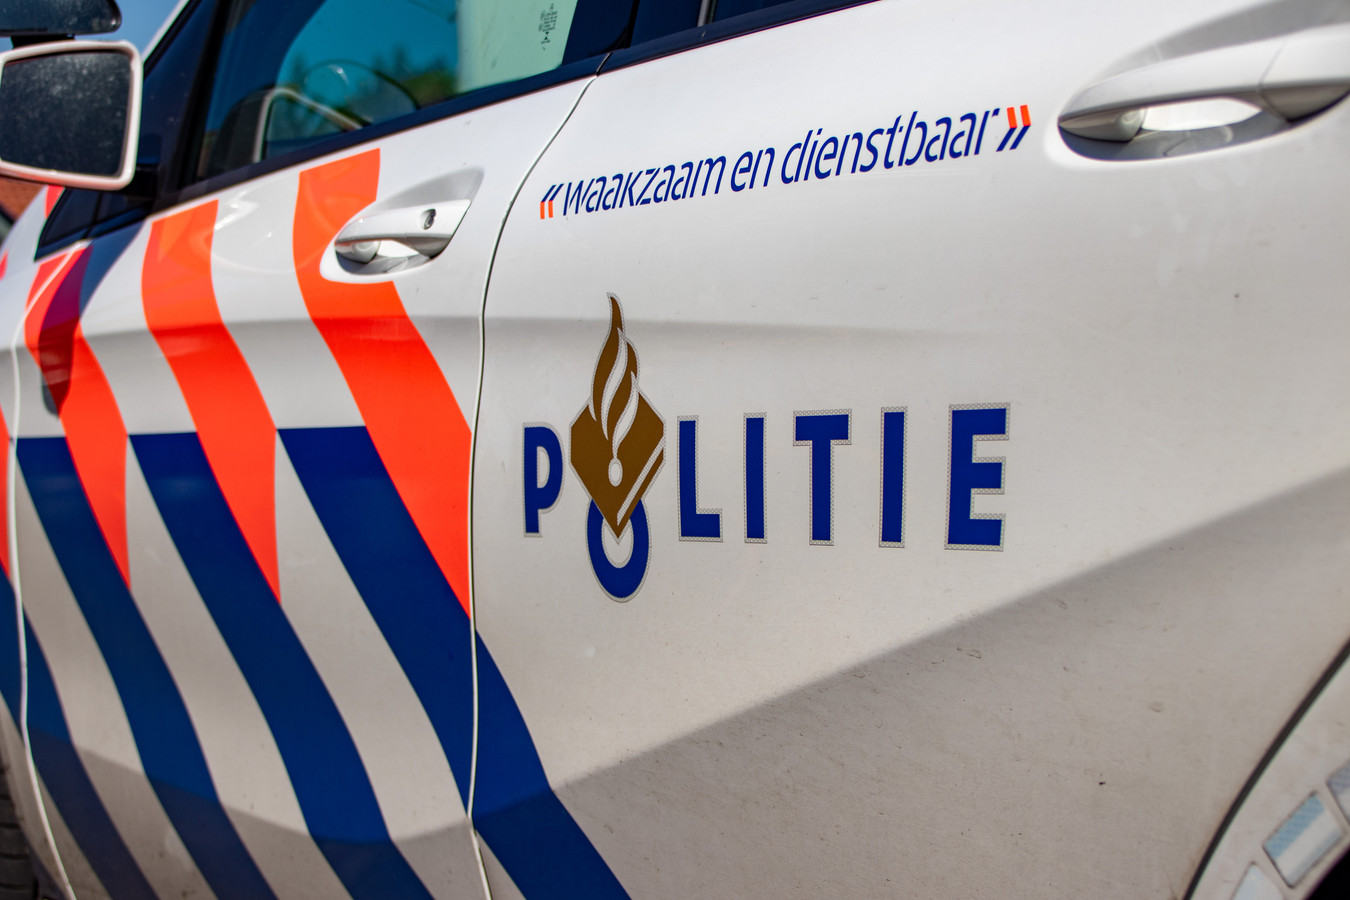 De politie sloeg alarm na meldingen over knallen of schoten.